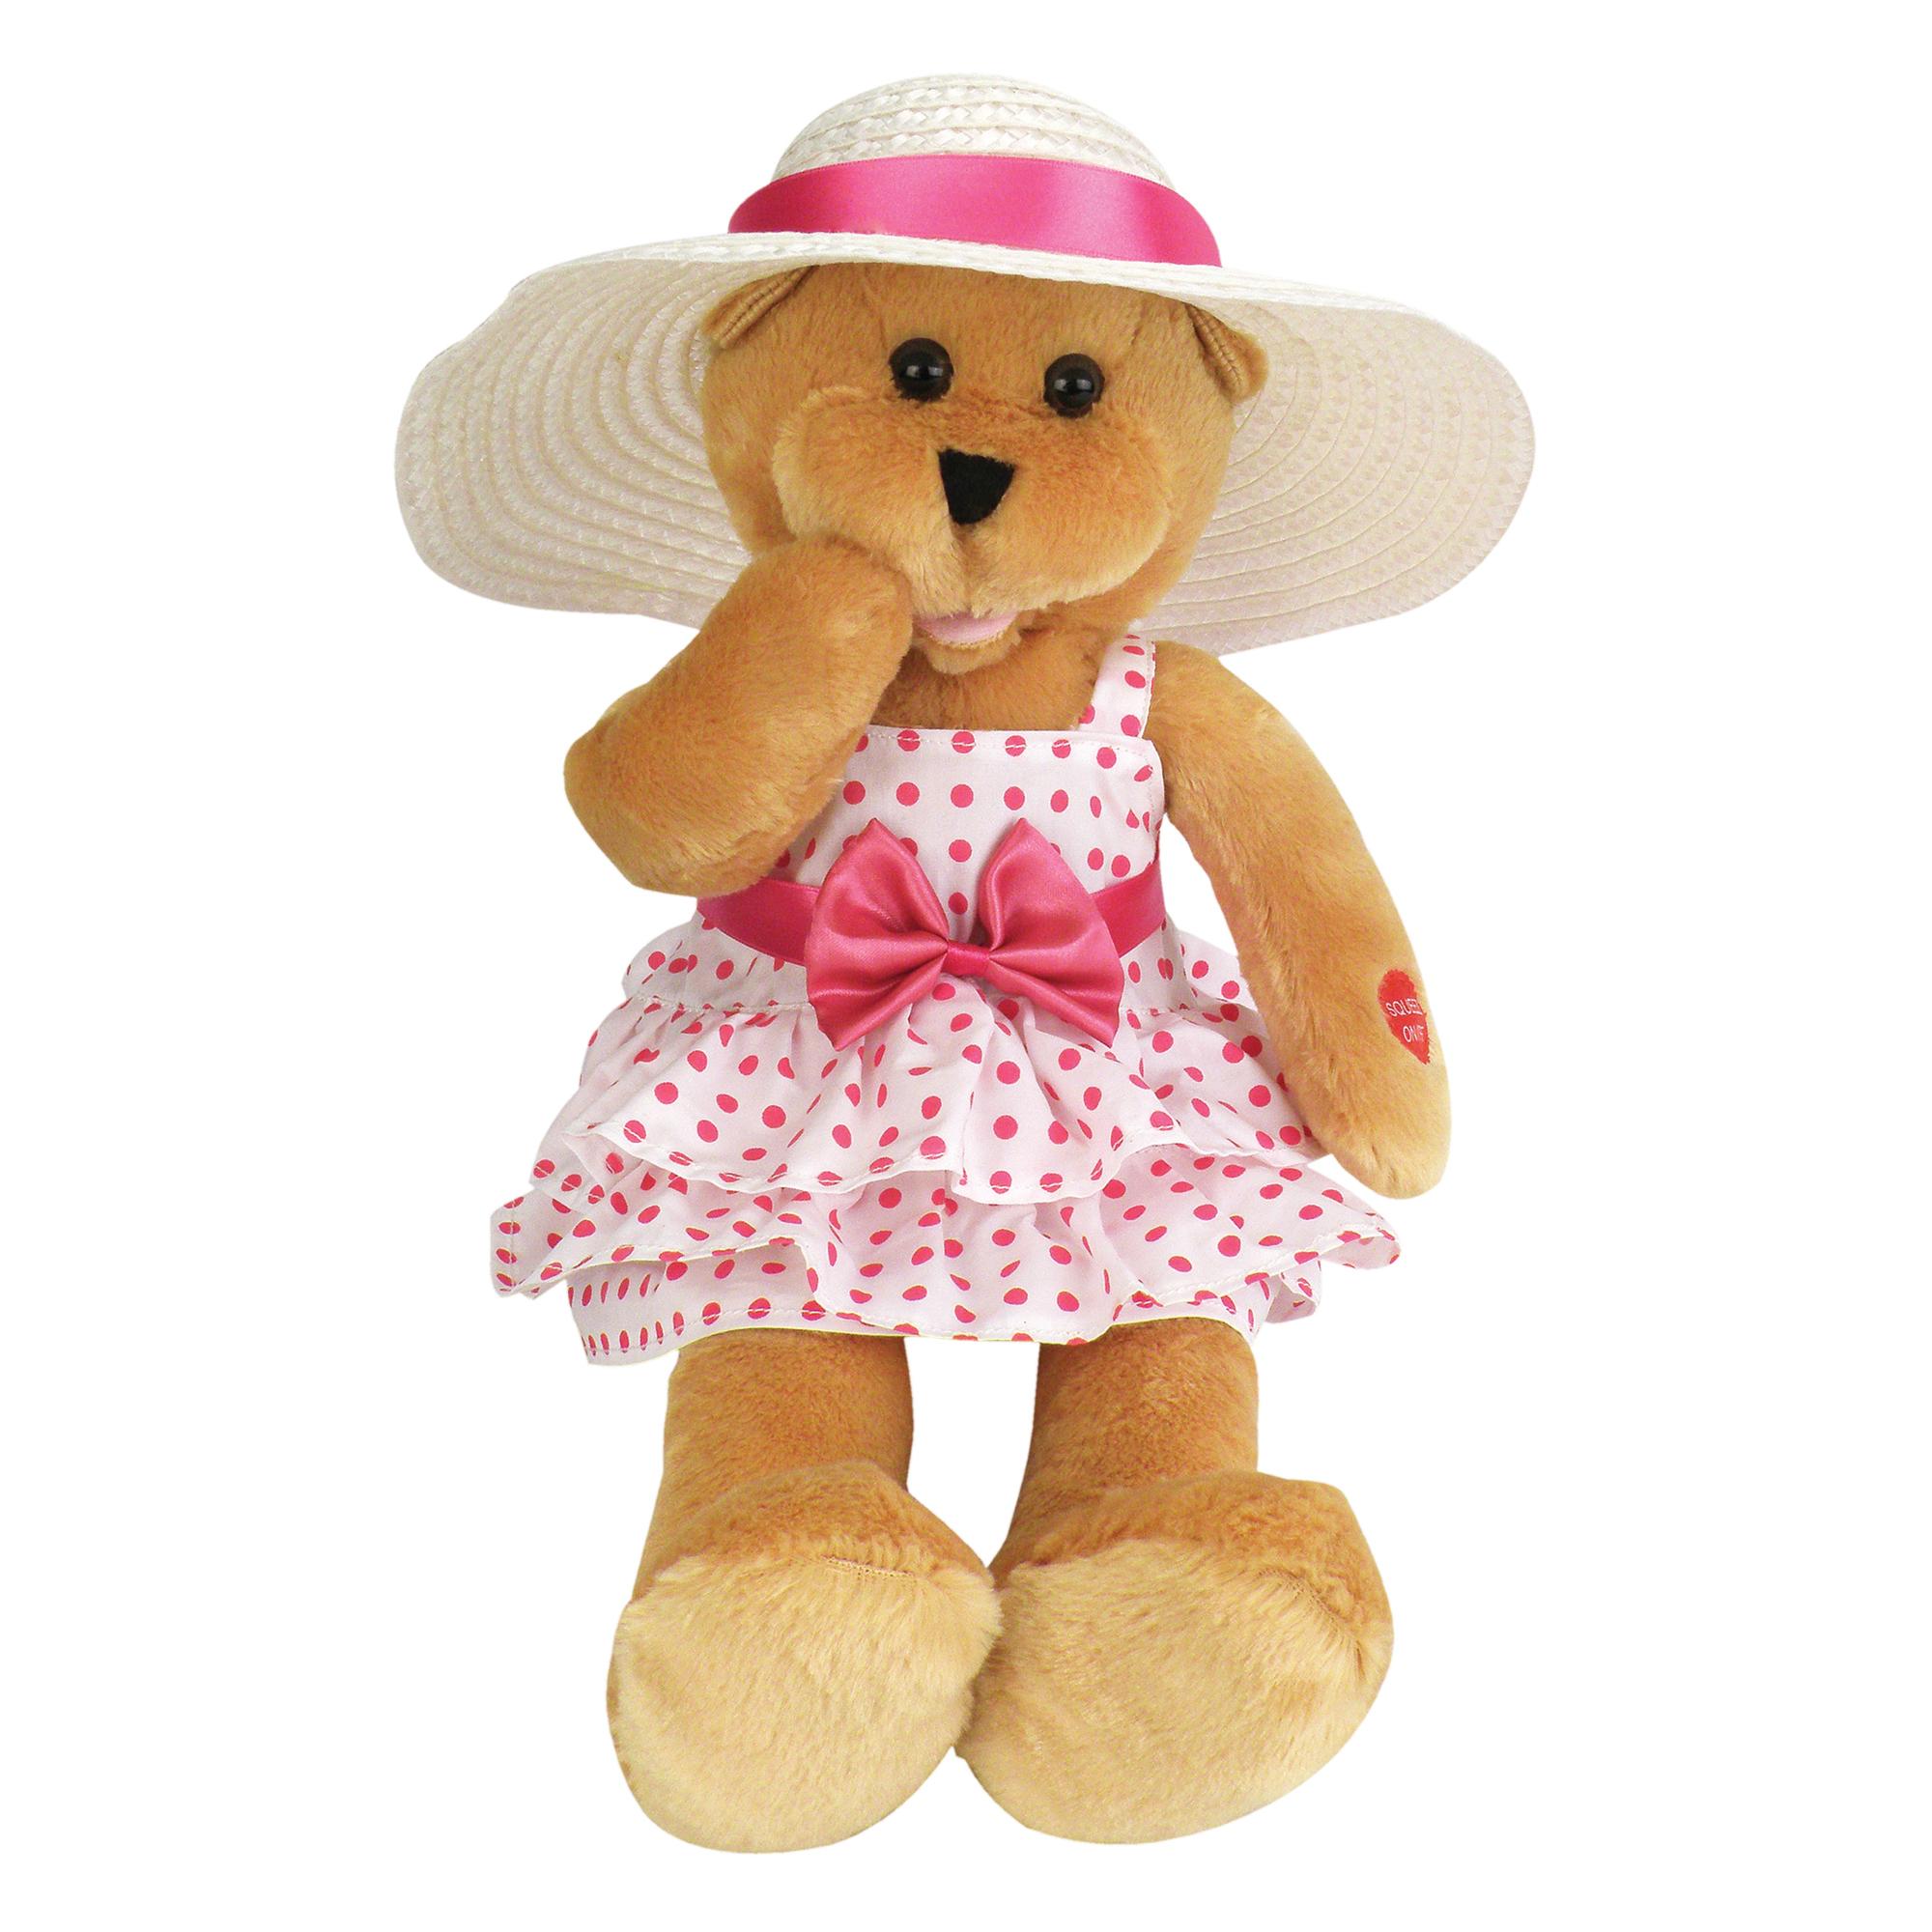 """Chantilly Lane G1129 17"""" Doris Bear sings Que Sera Sera PartNumber: 004V007155489000P KsnValue: 004V007155489000 MfgPartNumber: 4PBC01129"""